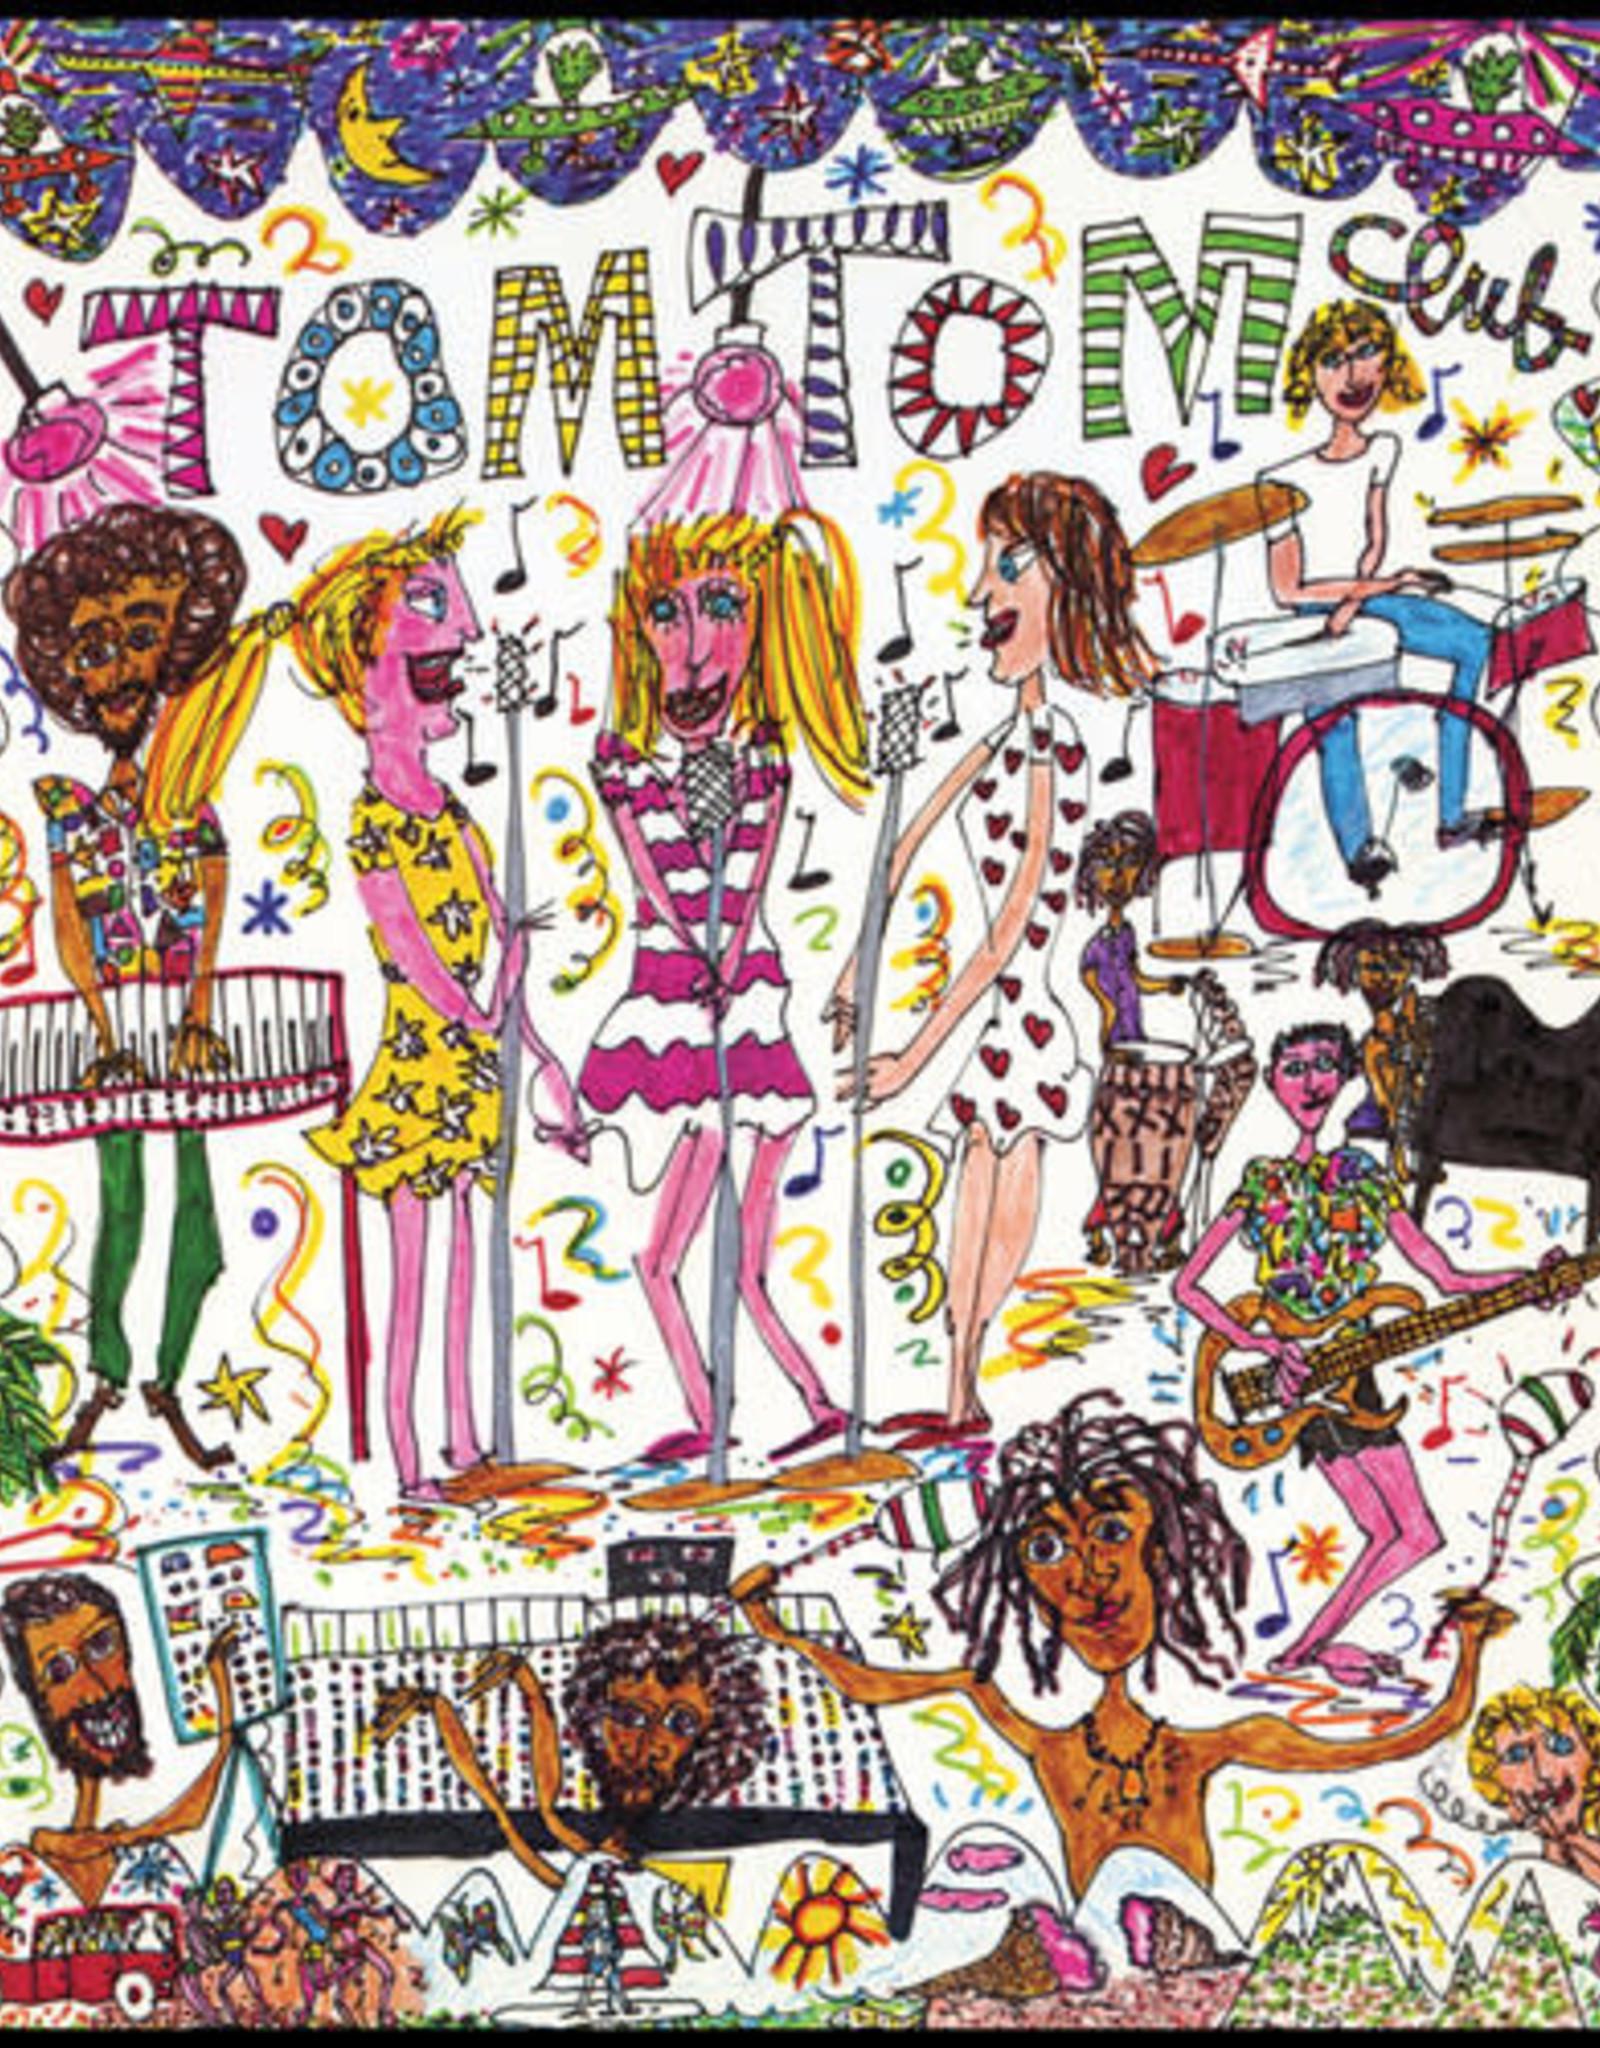 Tom Tom Club - Tom Tom Club (Limited Edition, Yellow & Red Vinyl))